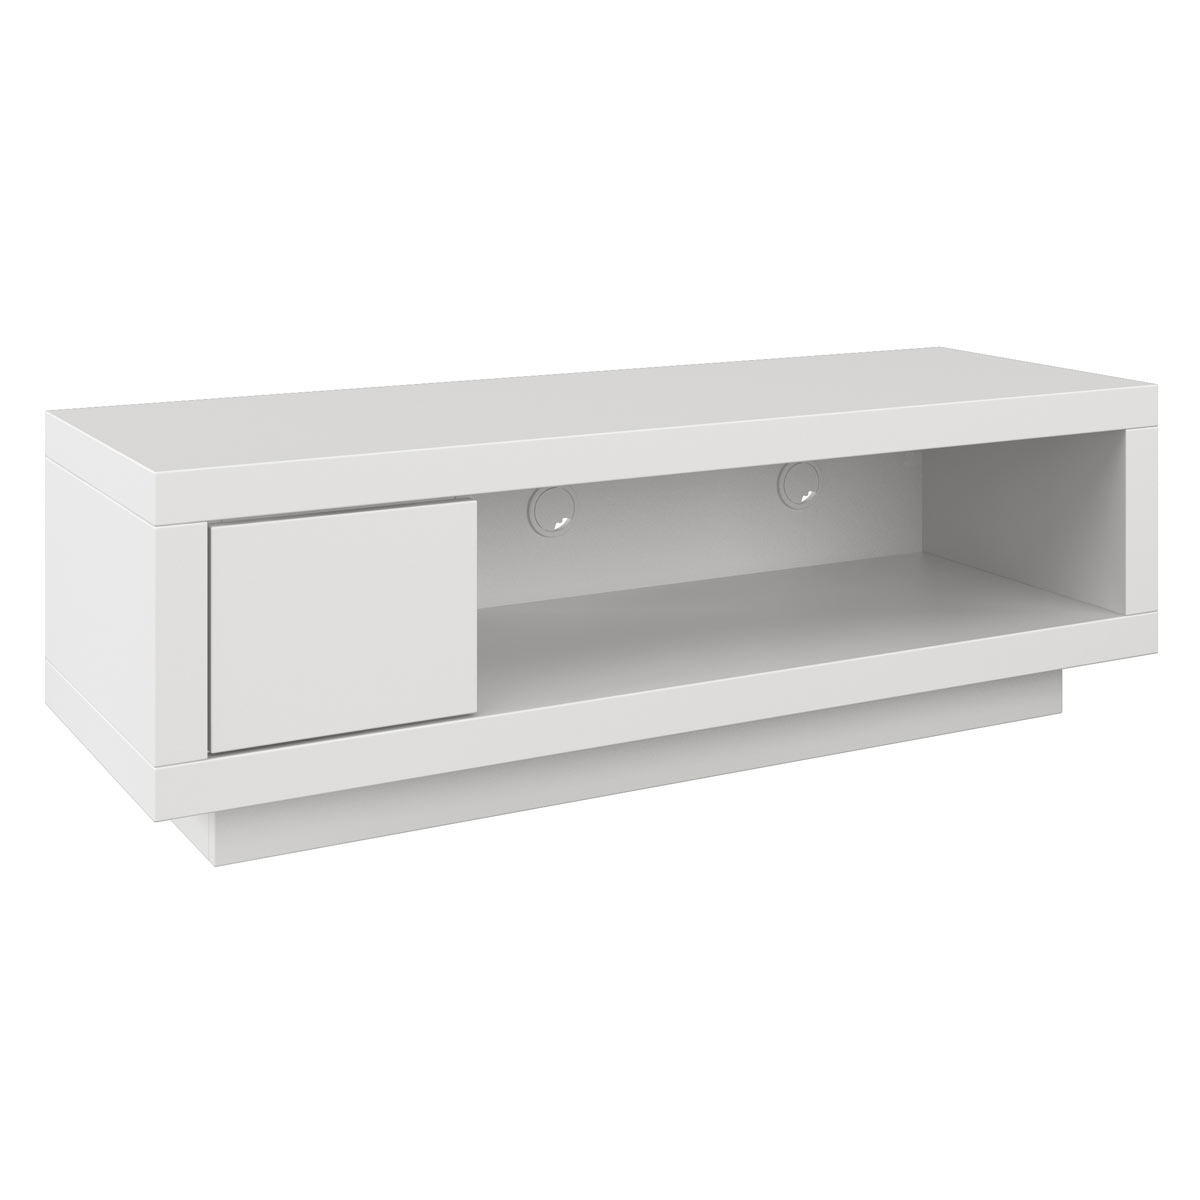 Schnepel varic l blanc avec tiroir meuble tv schnepel for Chevet mural avec tiroir